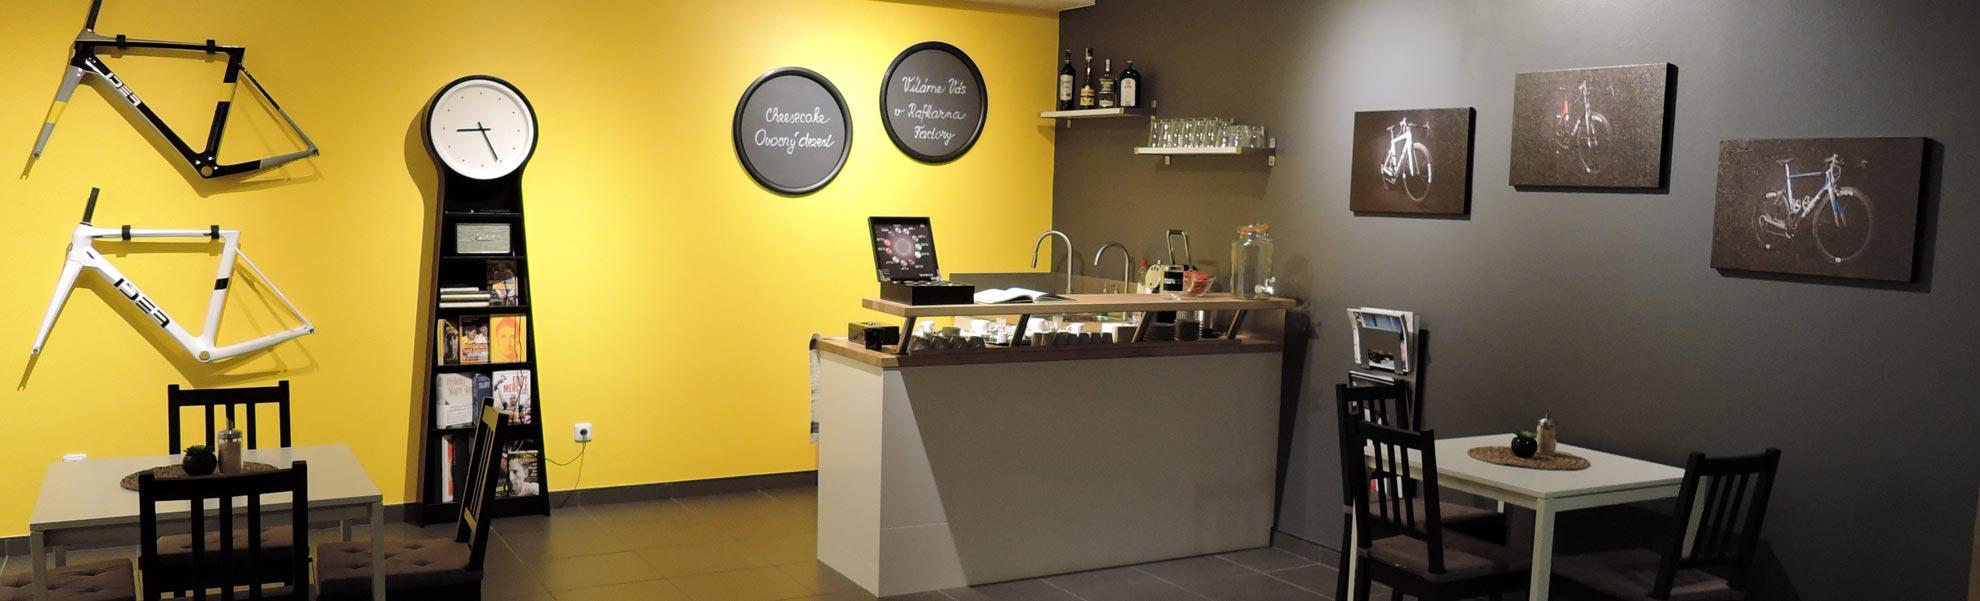 Kopf Cafe